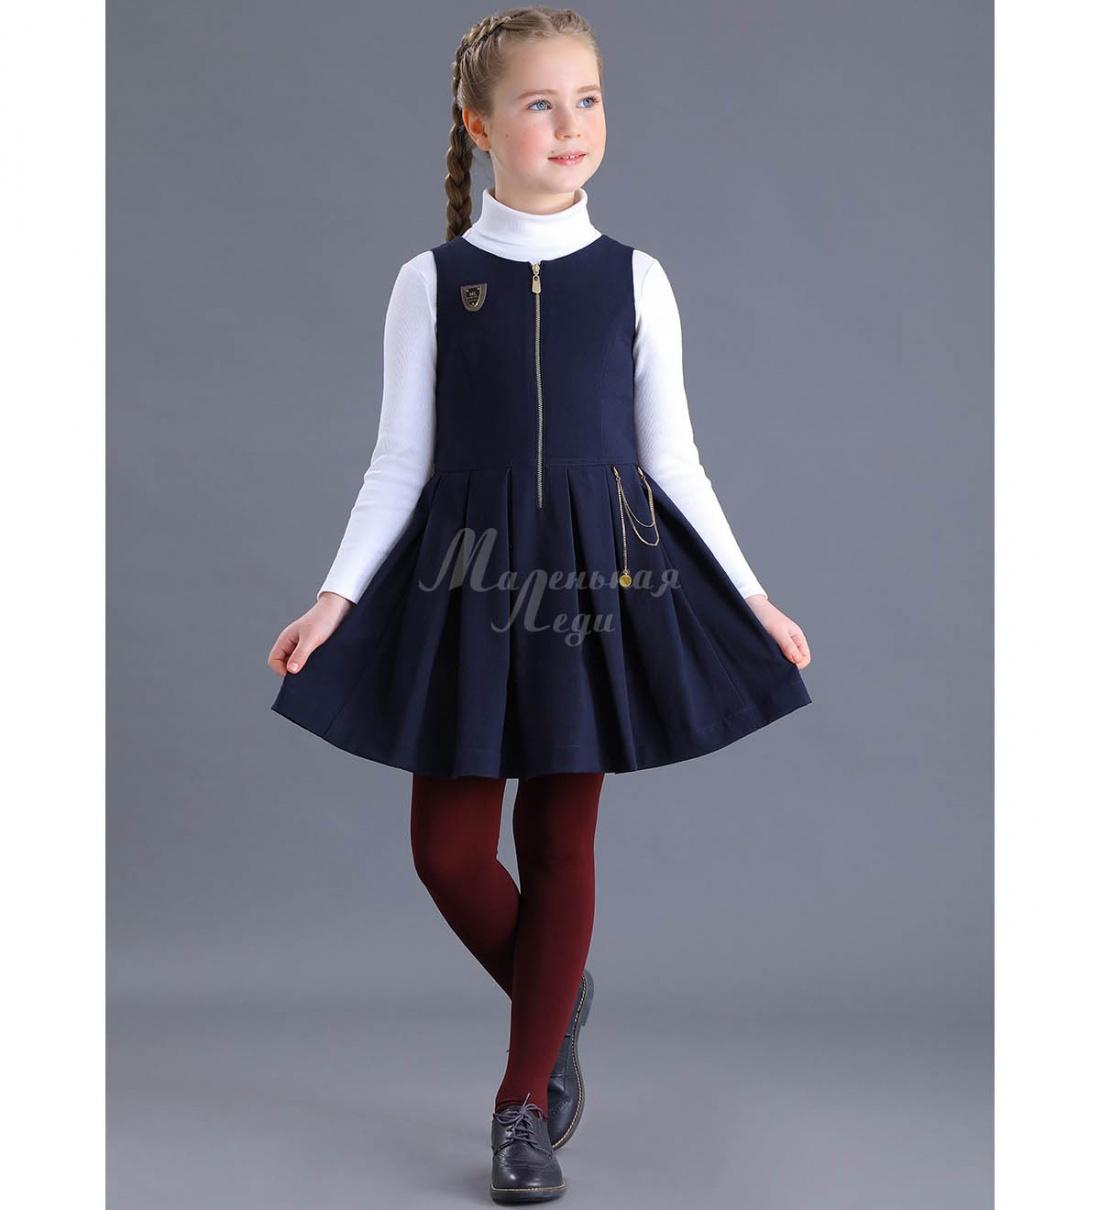 Одежда Маленькая Леди Интернет Магазин